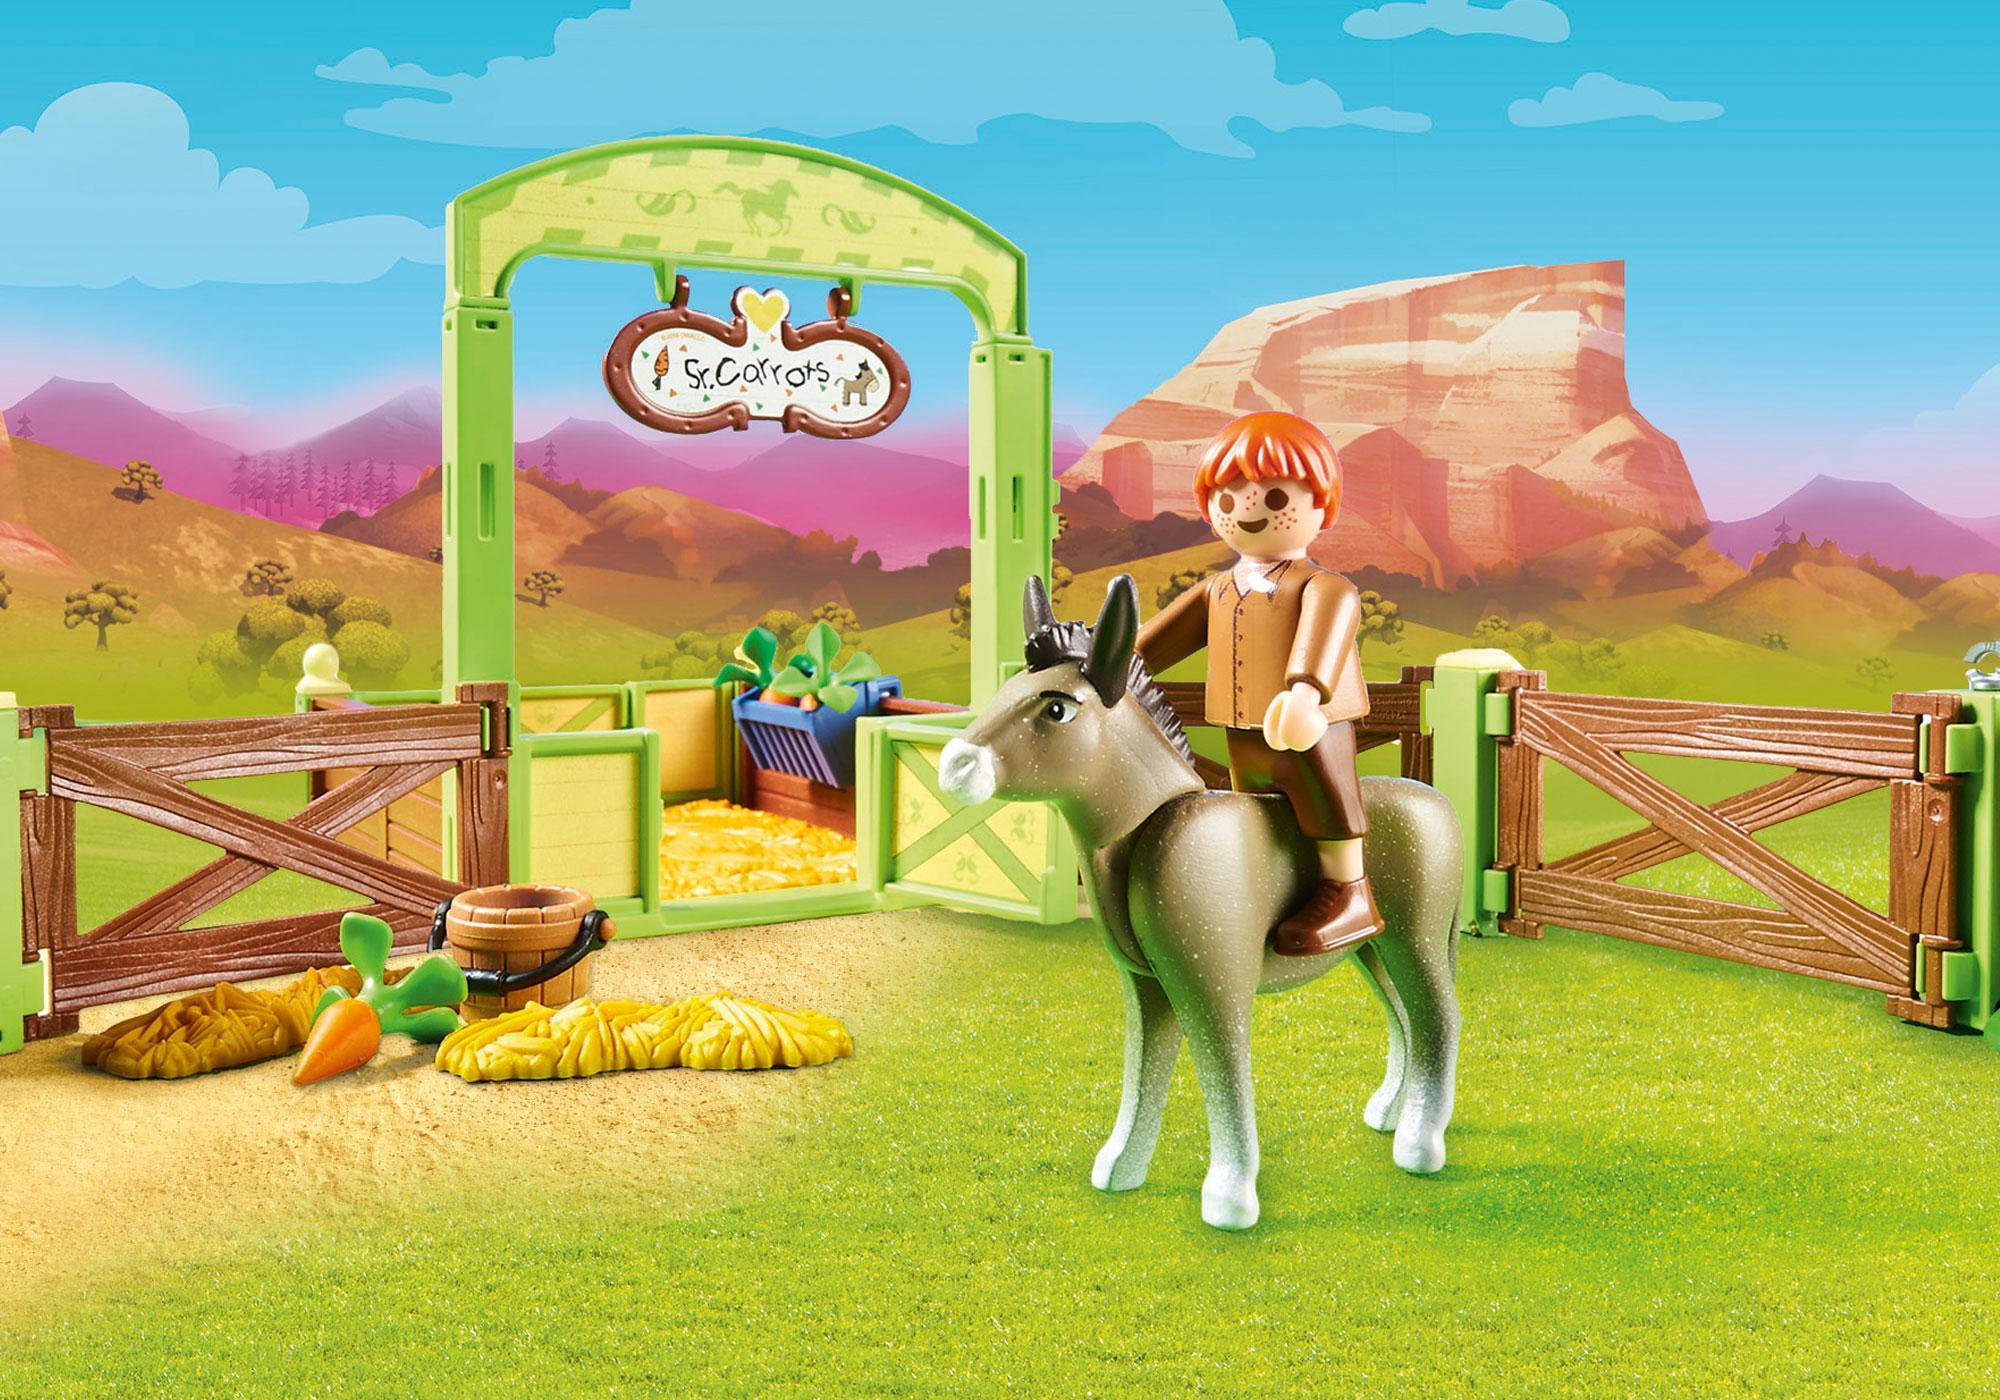 http://media.playmobil.com/i/playmobil/70120_product_extra1/La Mèche et Monsieur Carotte avec box